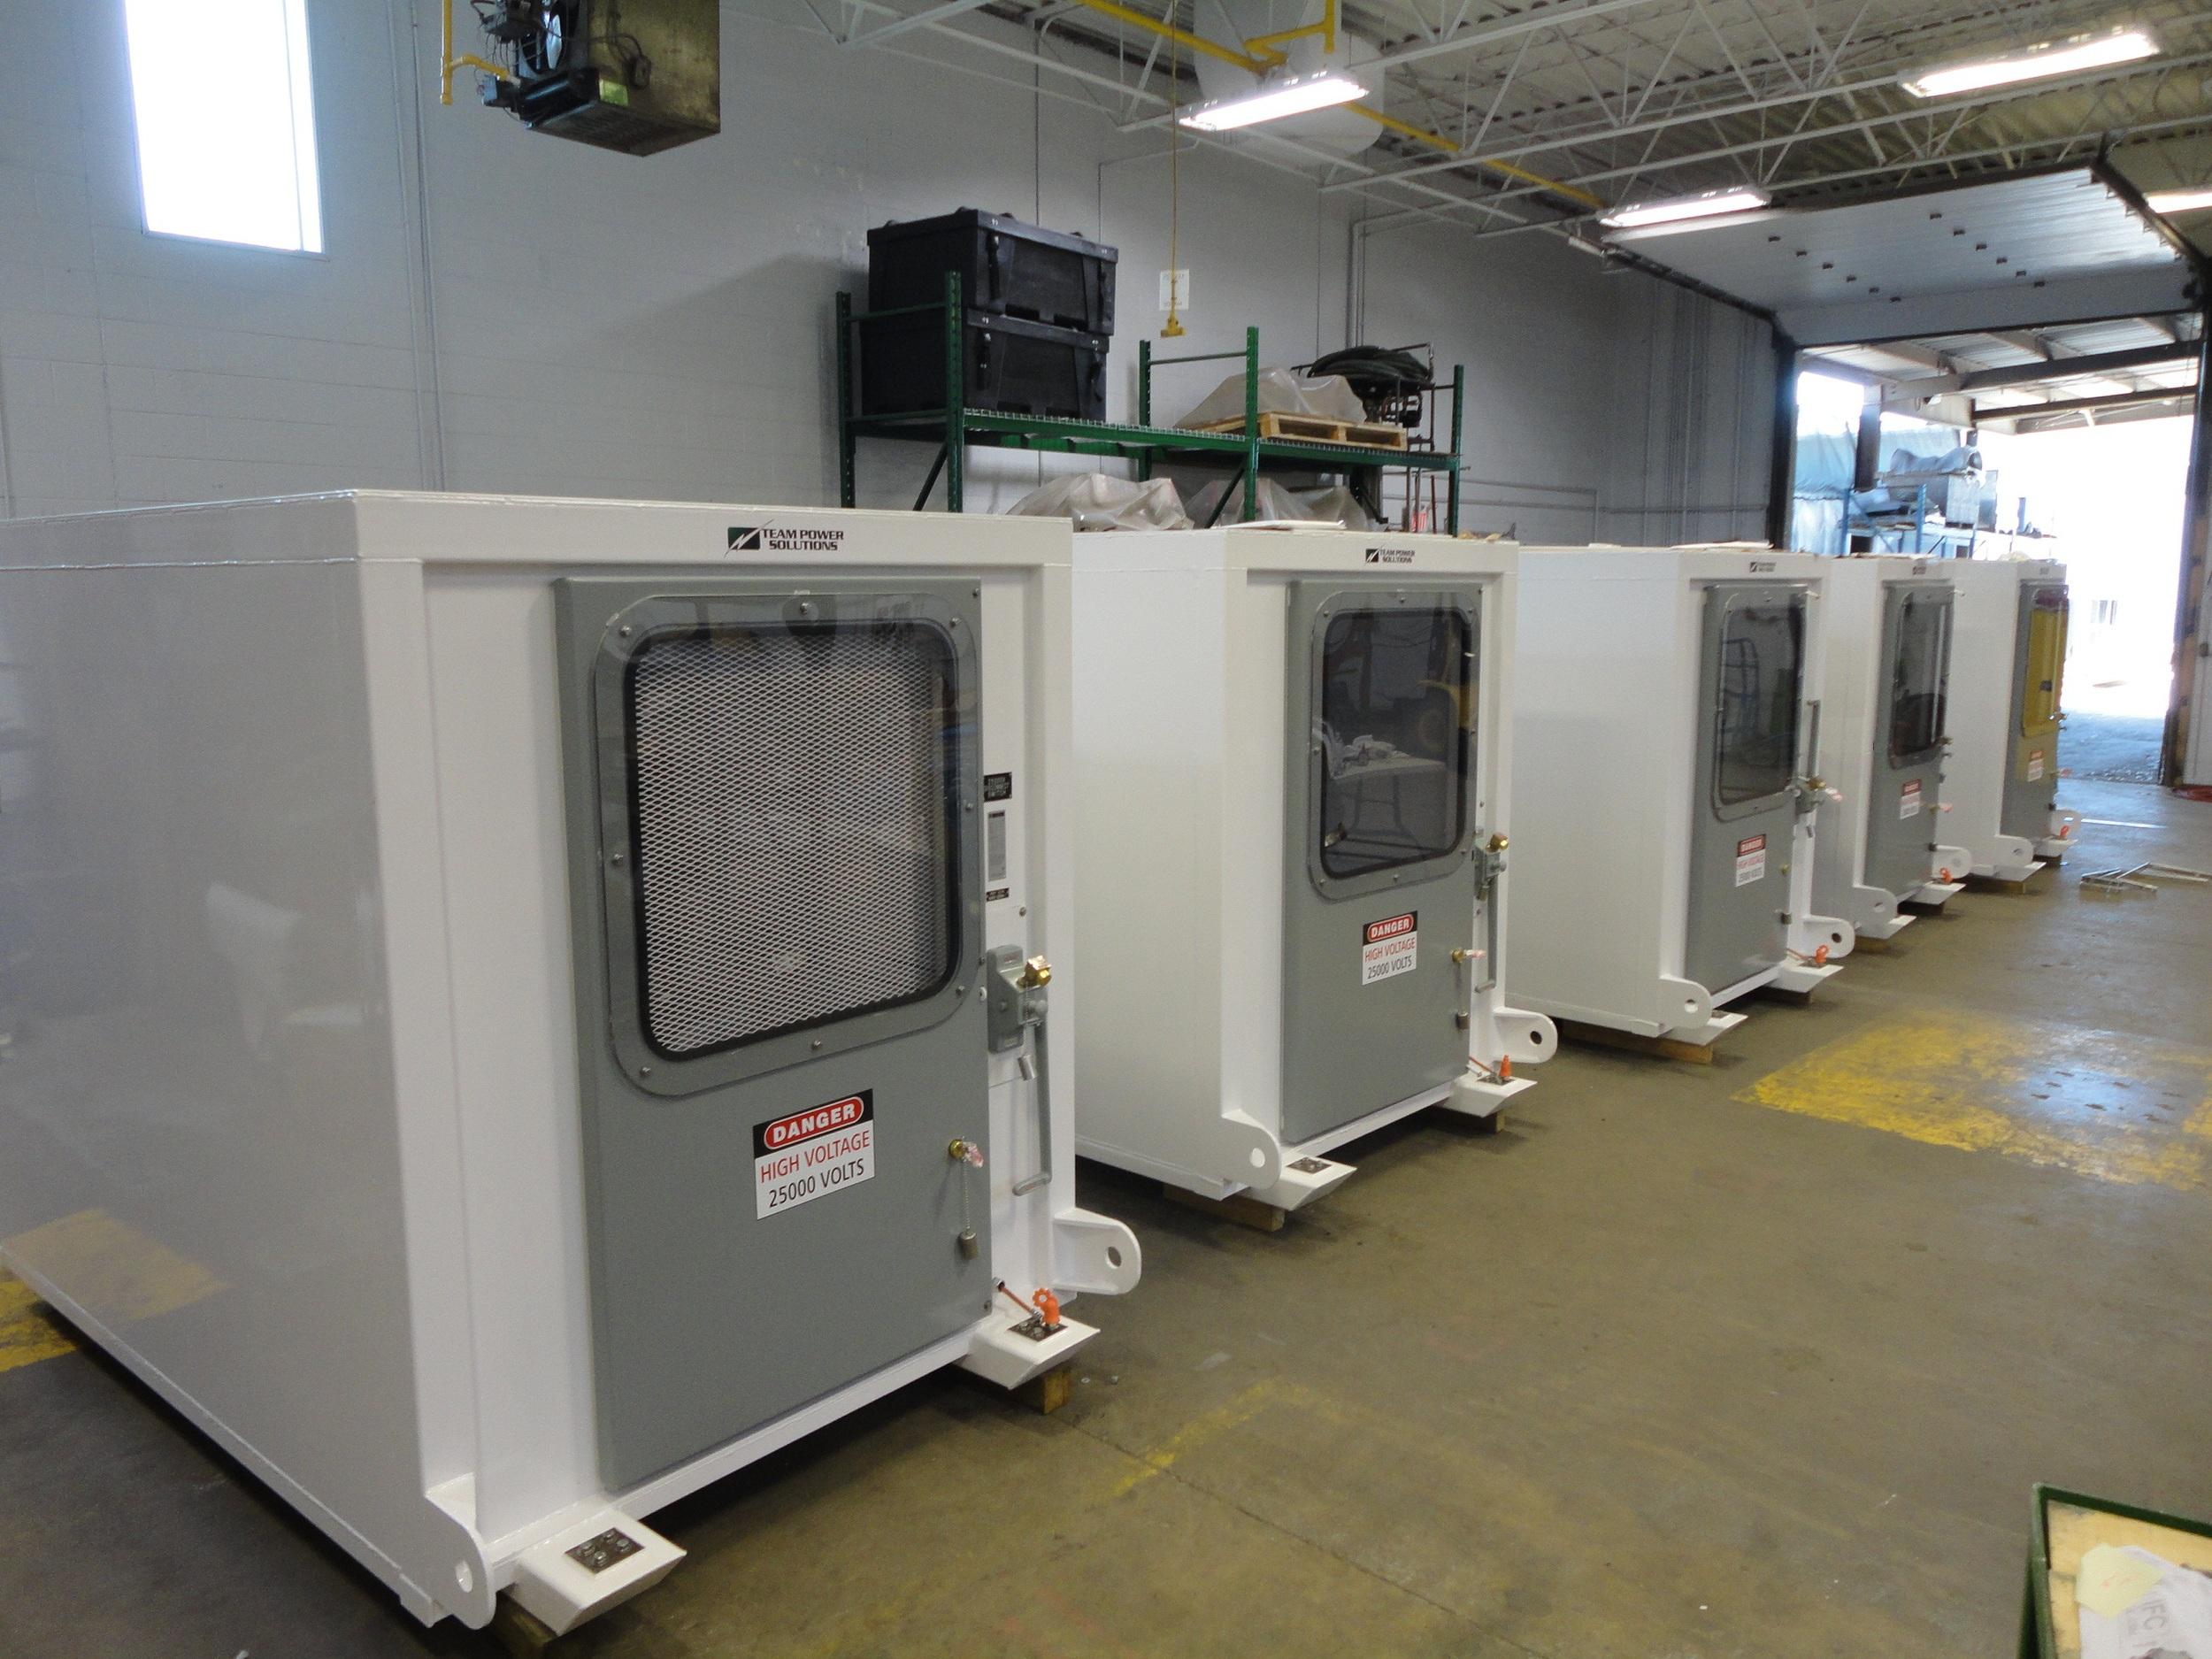 DSC03541 - 25 kV Switch sleds.jpg